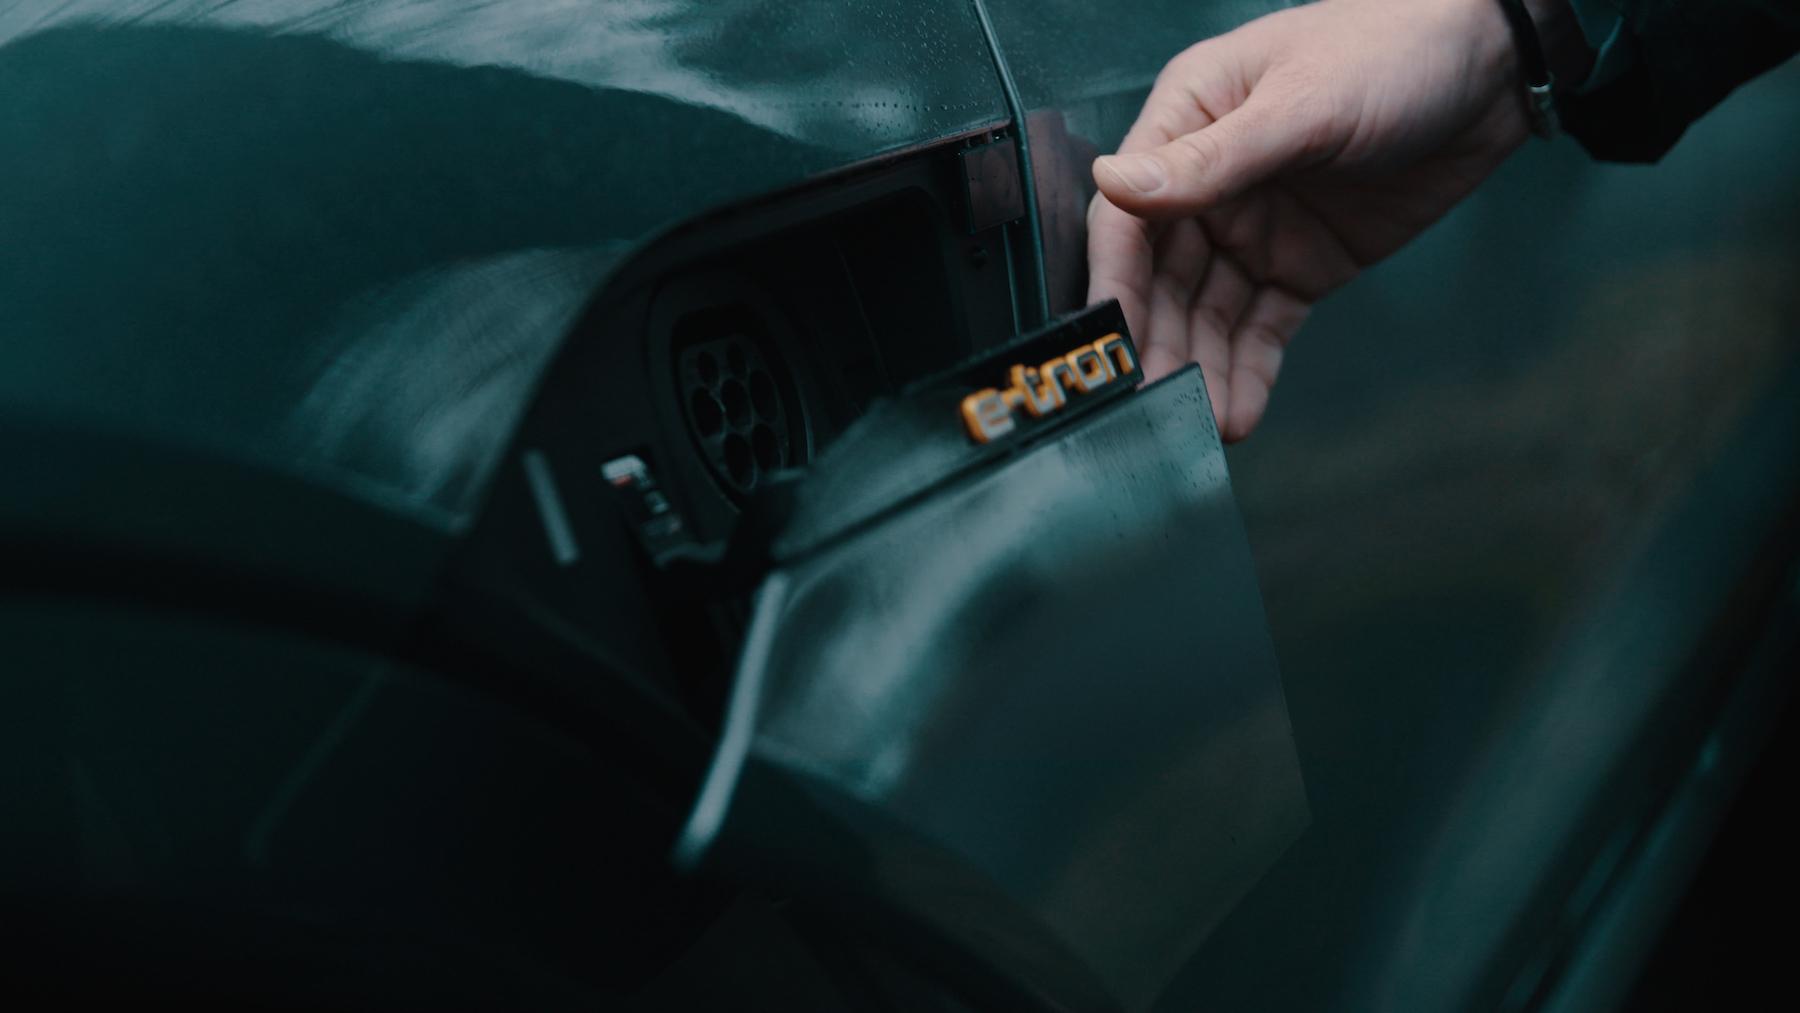 Die Ladeklappe des Audi e-tron öffnet und schliesst elektrisch.